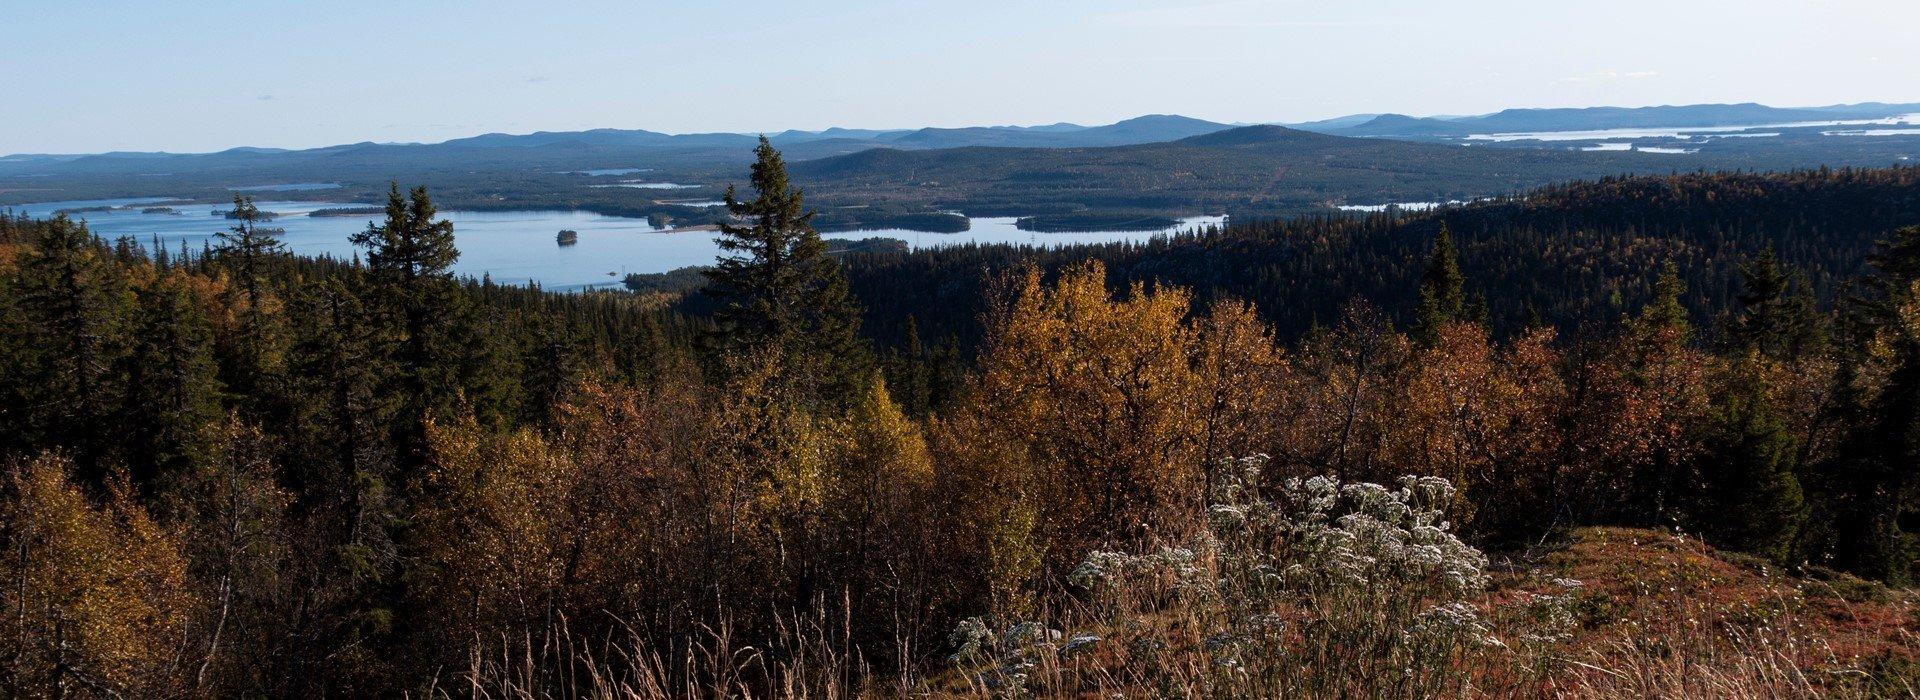 landscape-in-the-north-of-sweden-kghkdz6-2